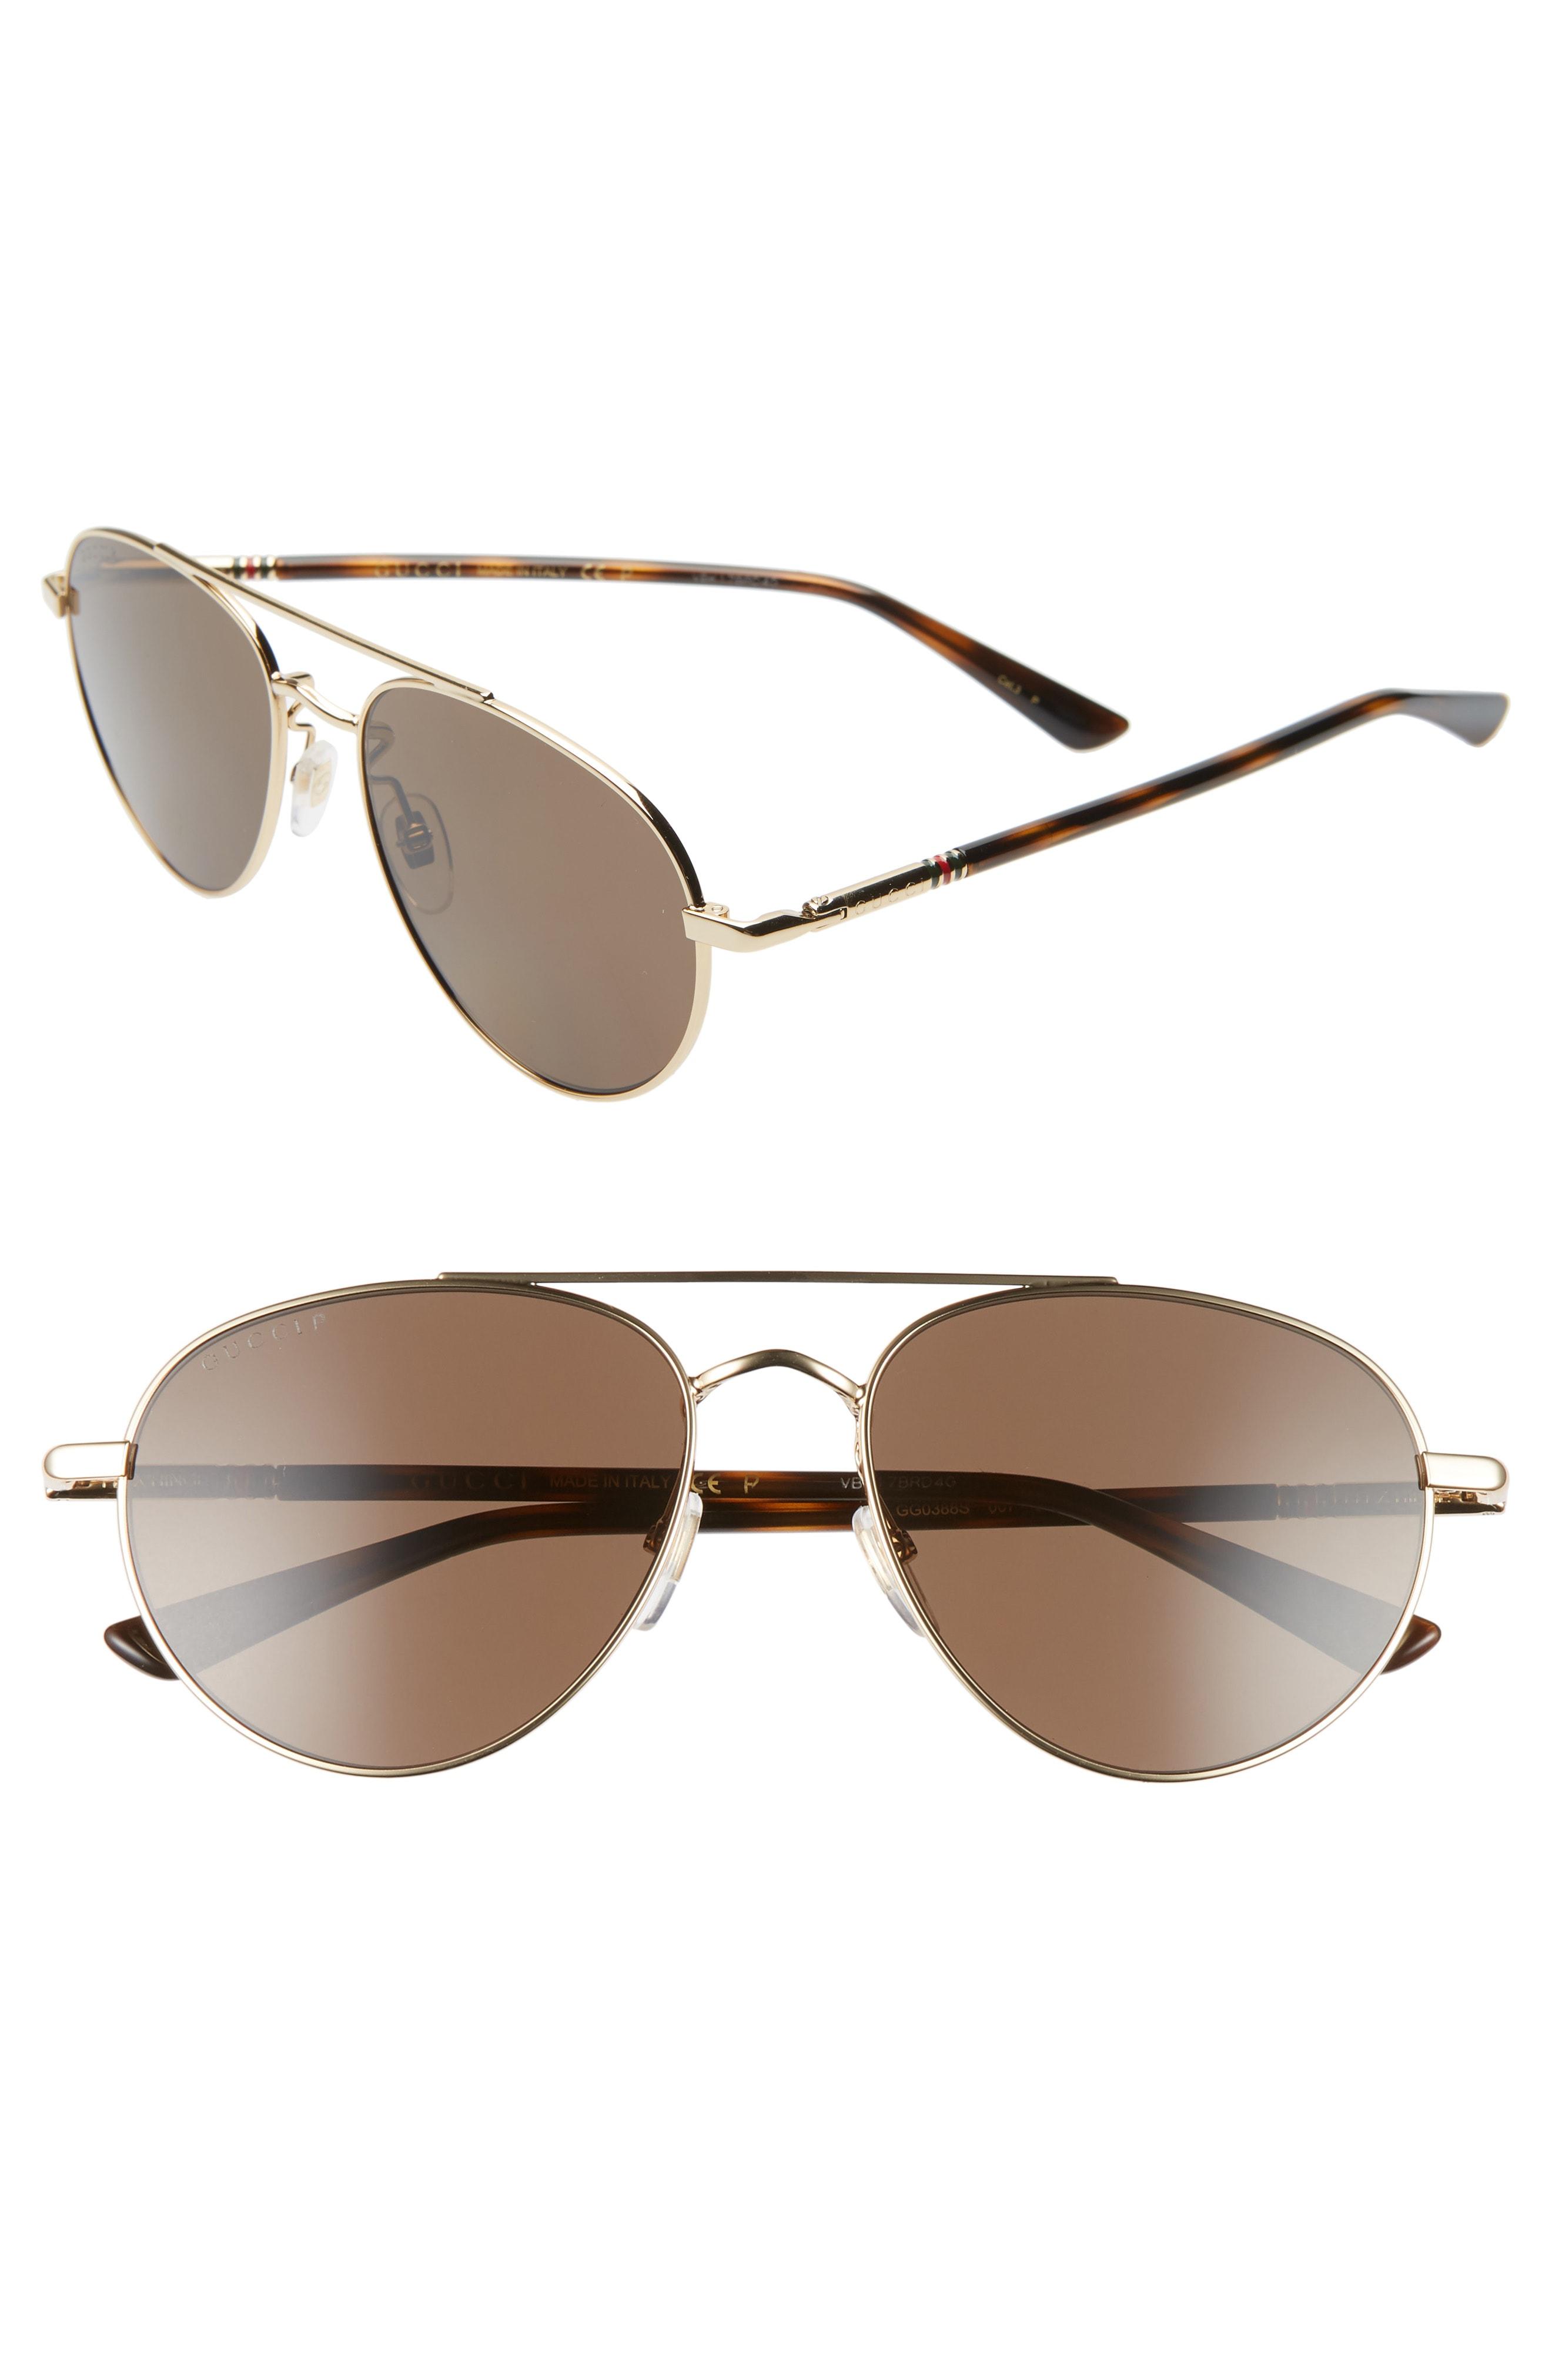 e929fea21 Men's Gucci 56Mm Aviator Sunglasses – Gold | The Fashionisto